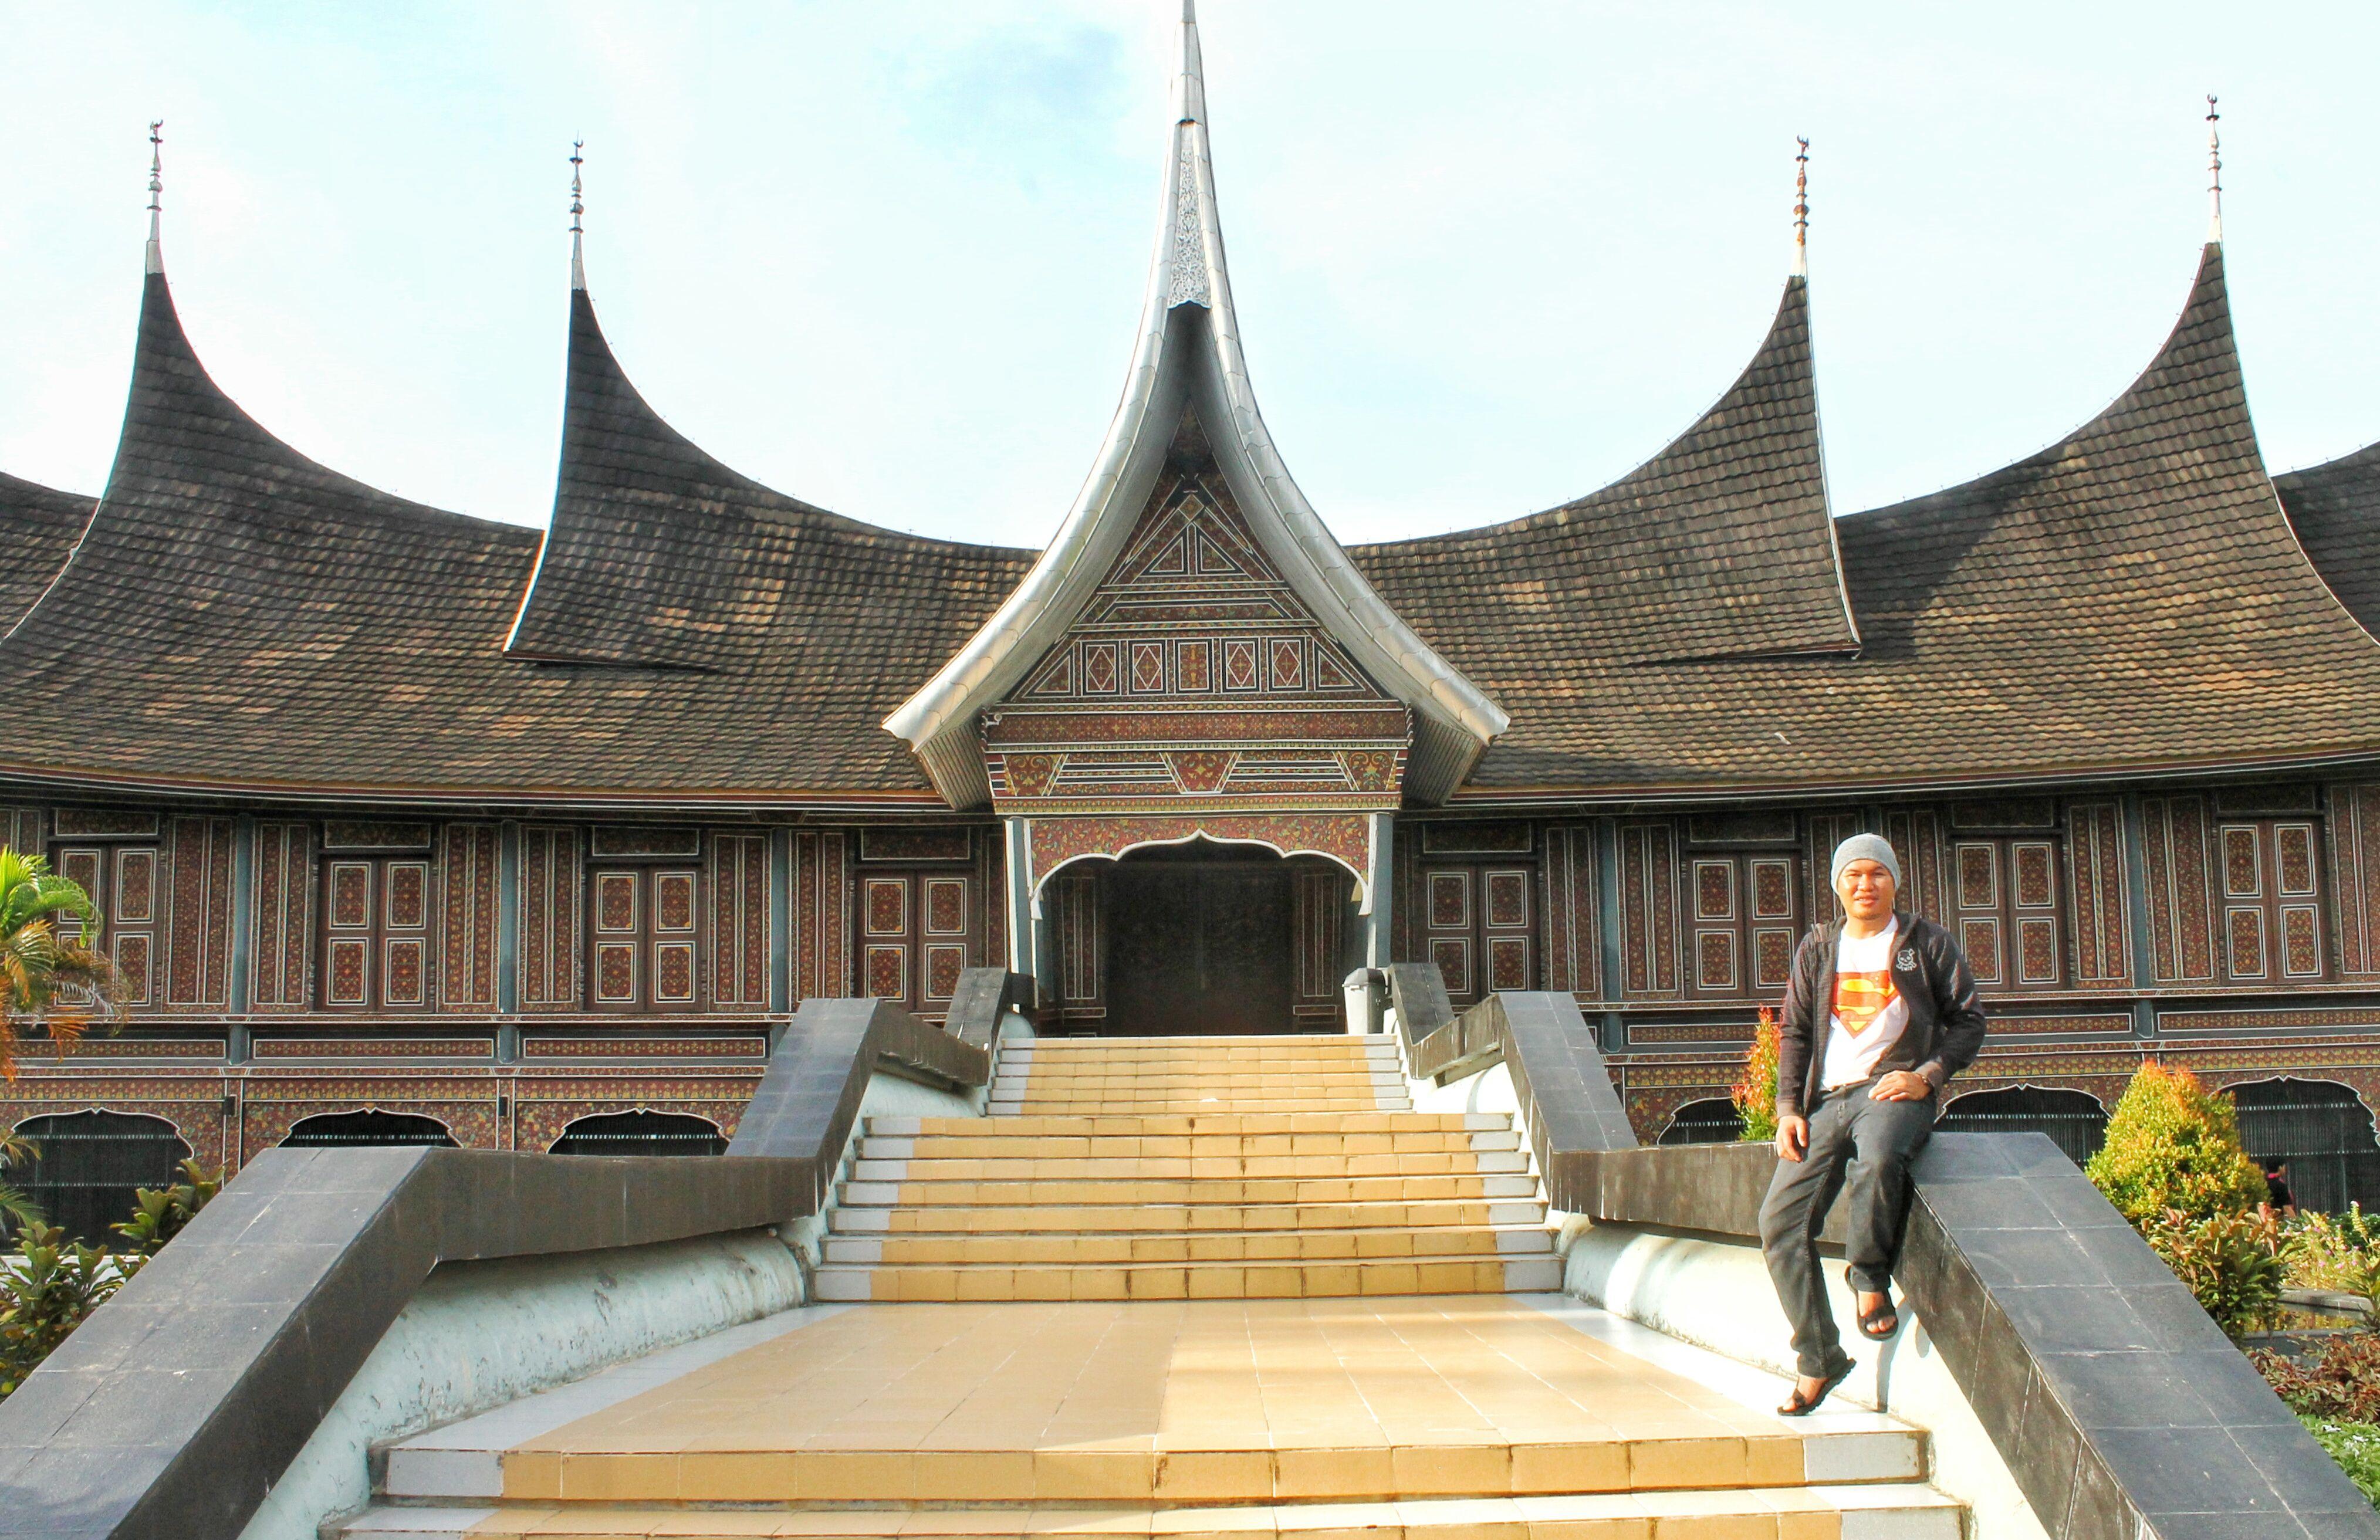 Yok Singgah Museum Adityawarman Padang Jelajah Silampung Anak Zaman Biasanya